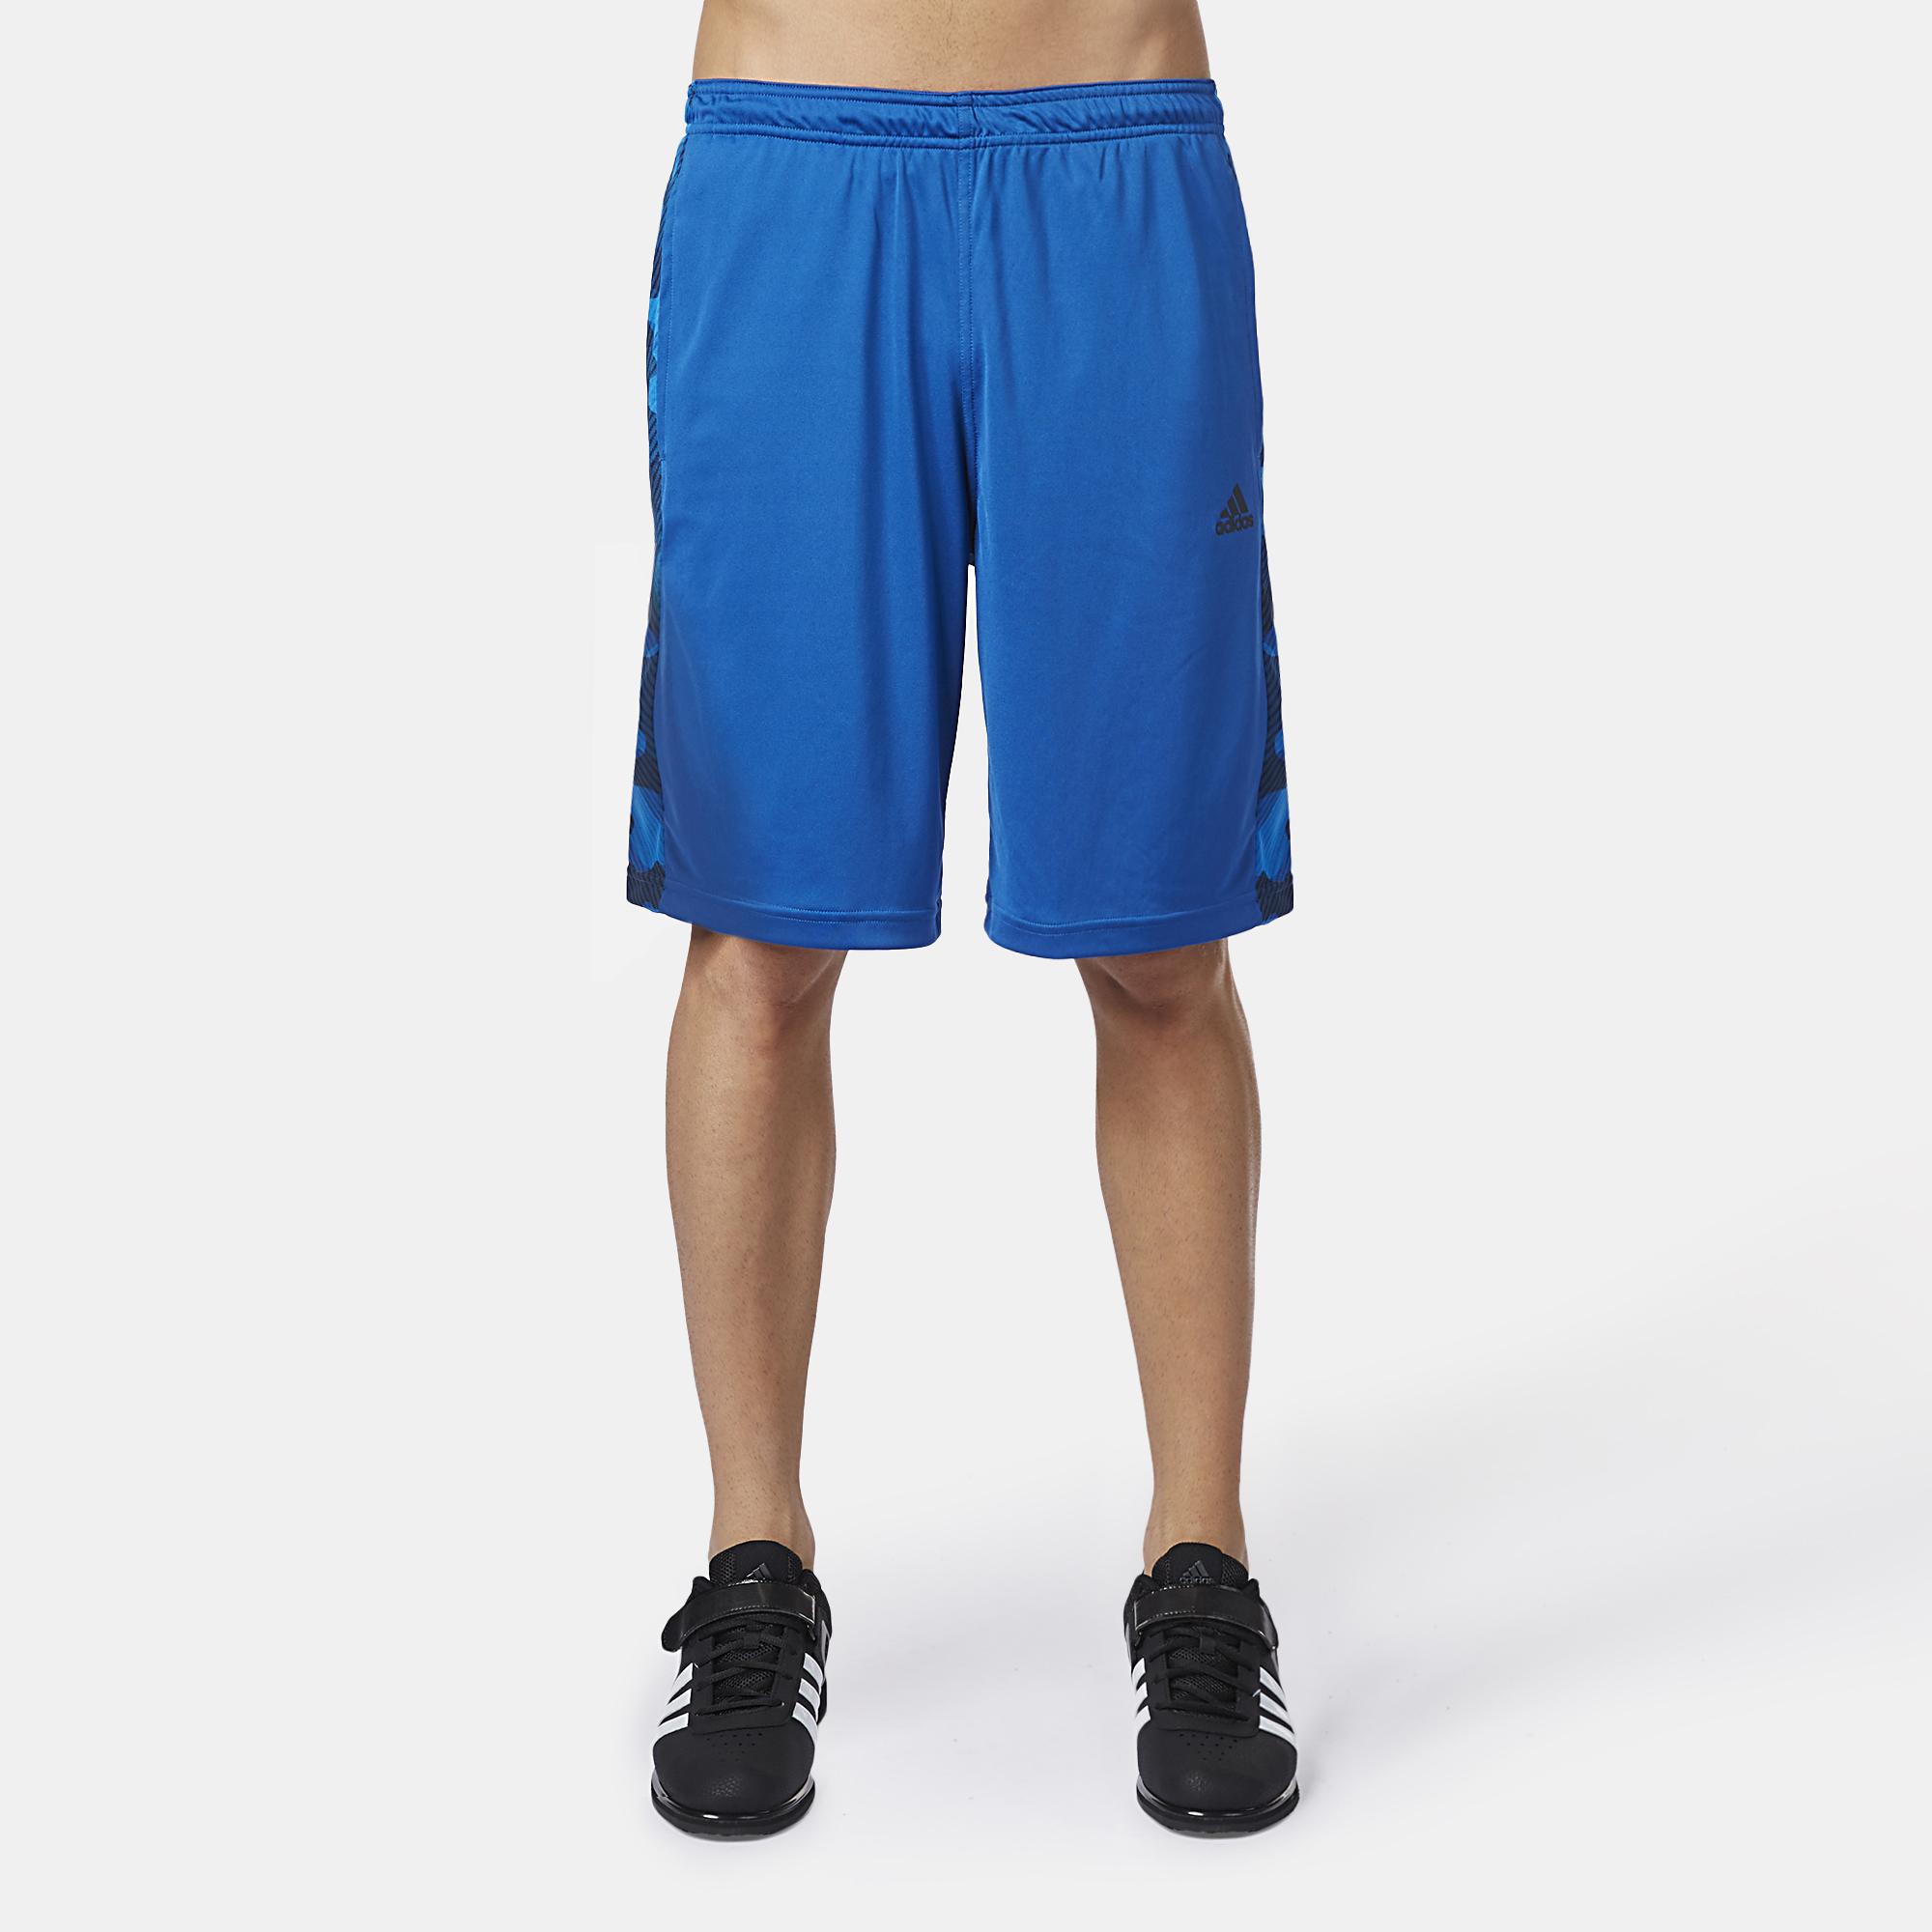 Adidas Cool365 Long Shorts Herren Herren